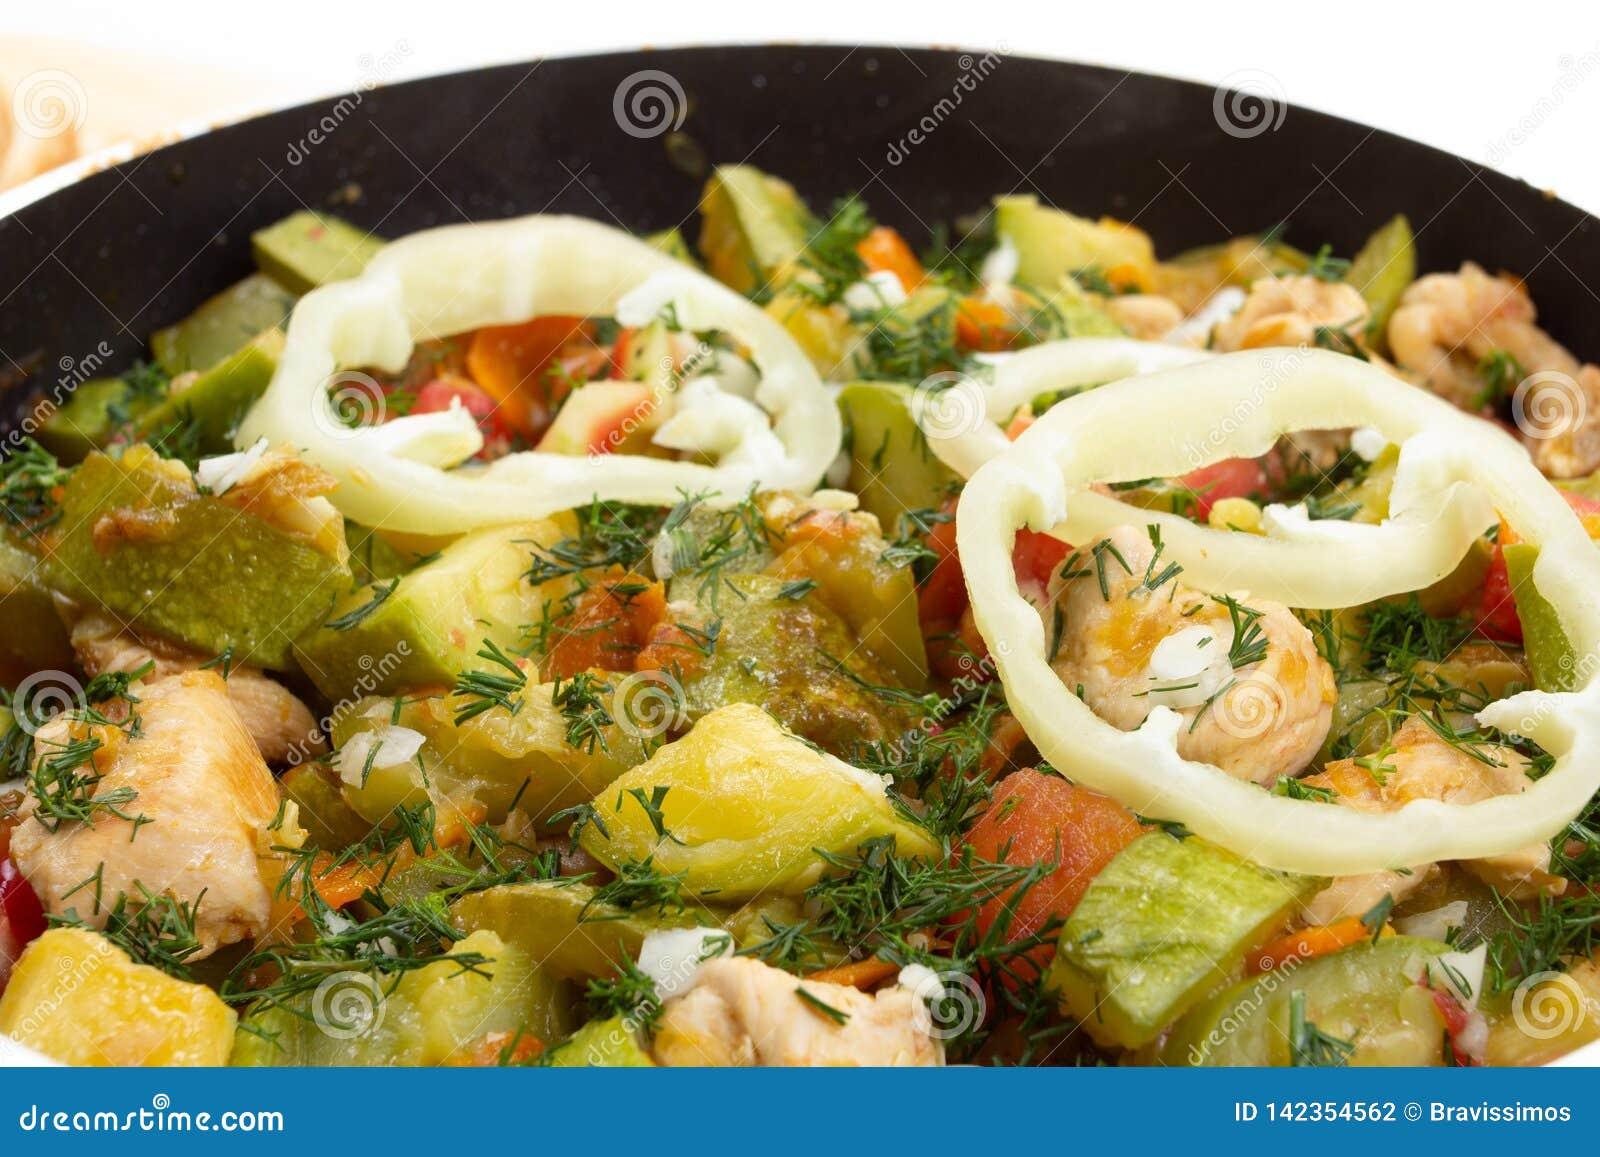 Κοτόπουλο καρότο και κολοκύθια στα παν φυτικά τρόφιμα, μαγείρεμα